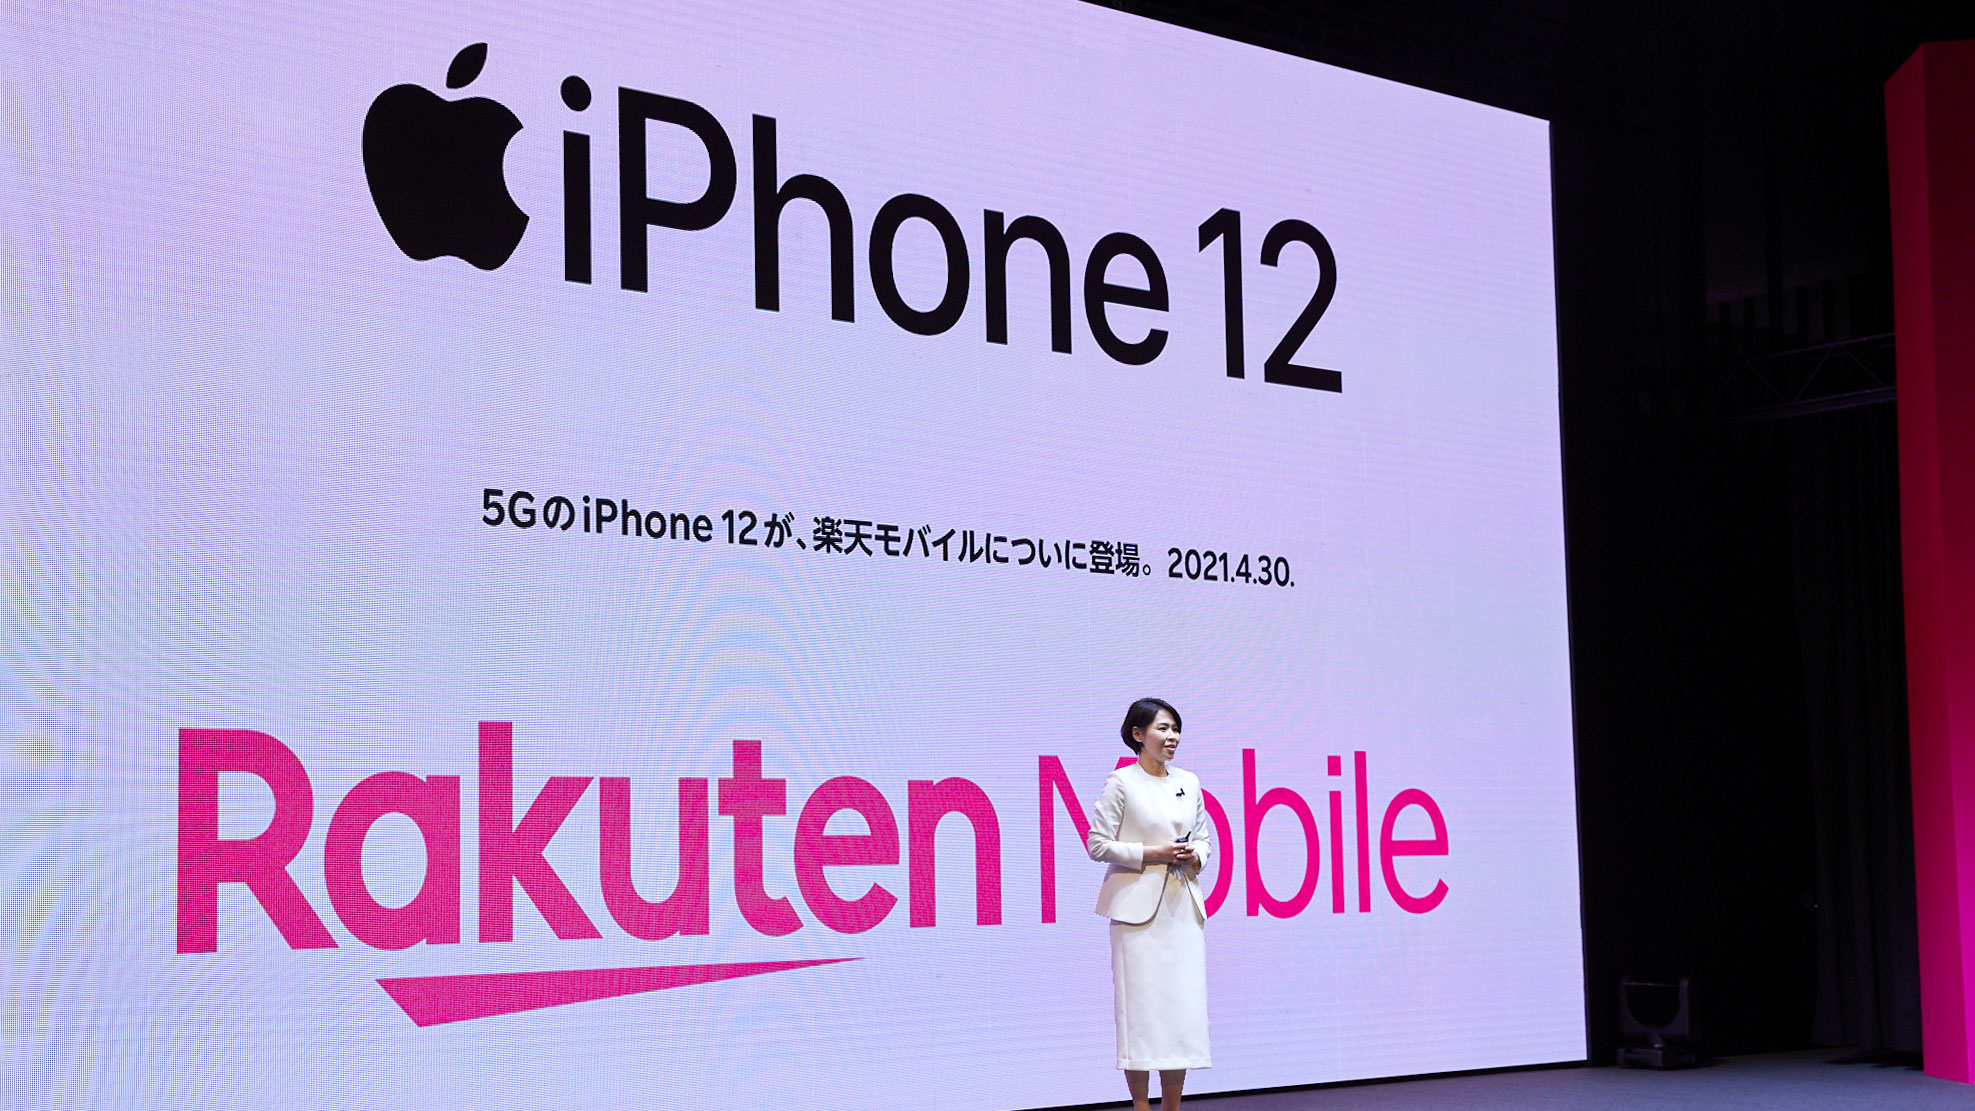 楽天モバイル、「iPhone」発売開始!